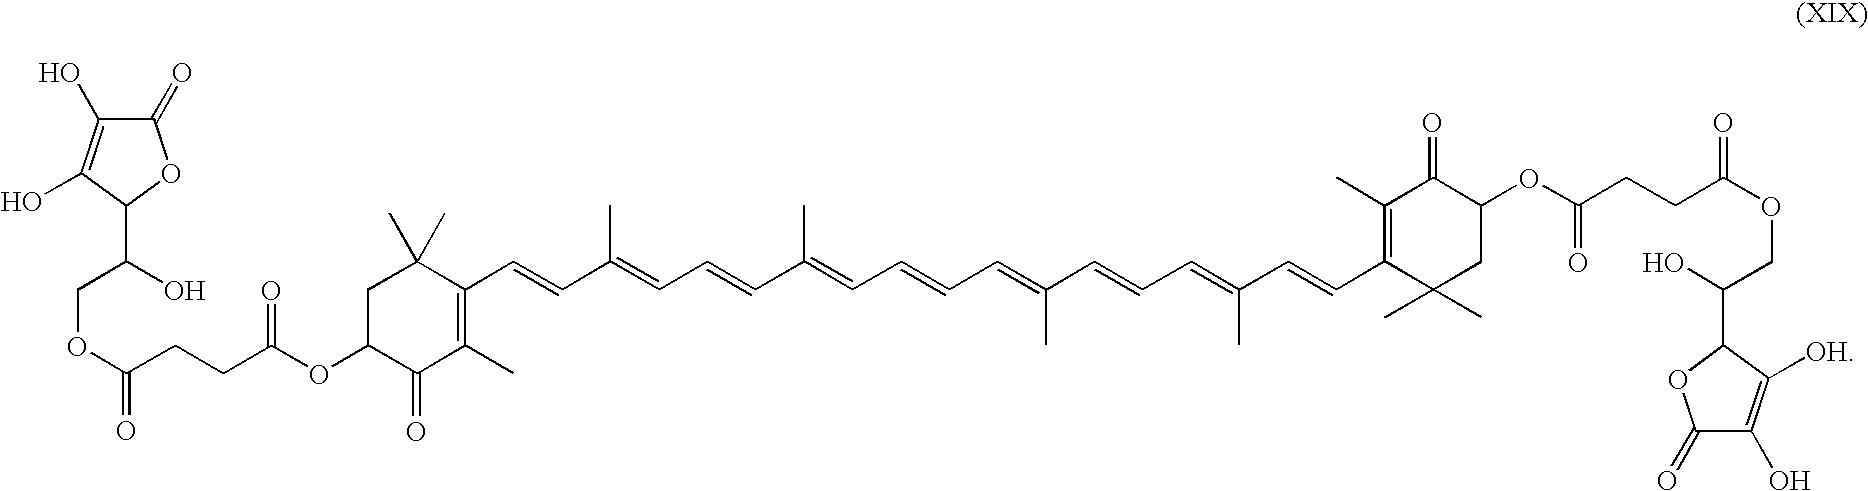 Figure US20050075337A1-20050407-C00034